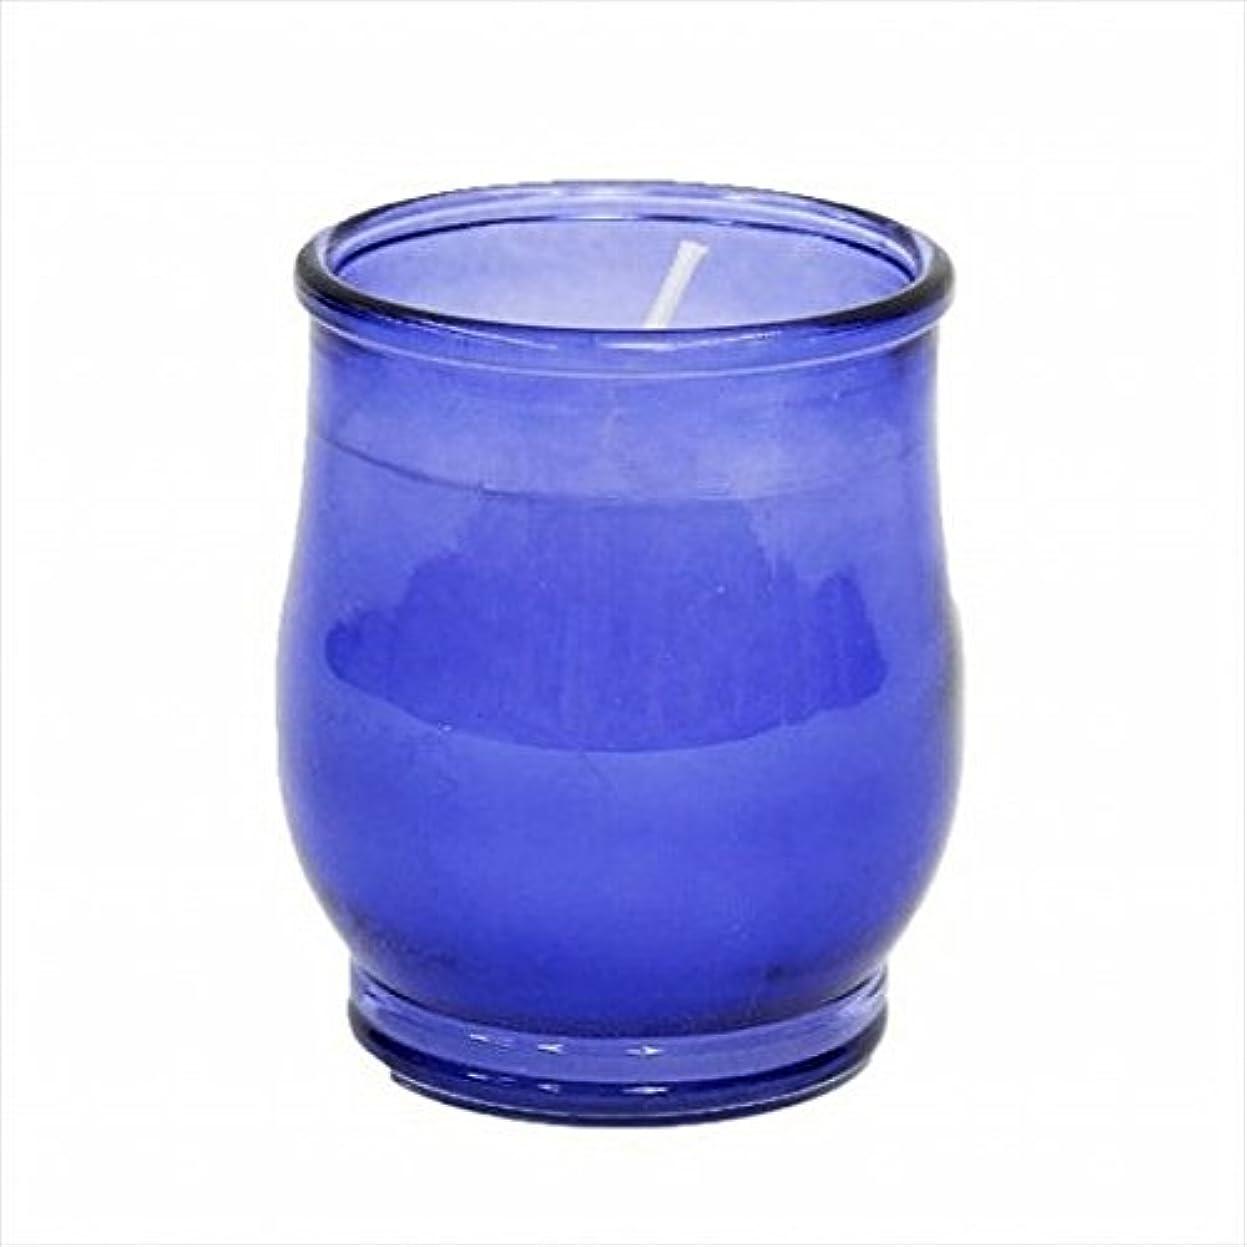 マラウイ隣人情熱的kameyama candle(カメヤマキャンドル) ポシェ(非常用コップローソク) 「 ブルー(ライトカラー) 」 キャンドル 68x68x80mm (73020030B)